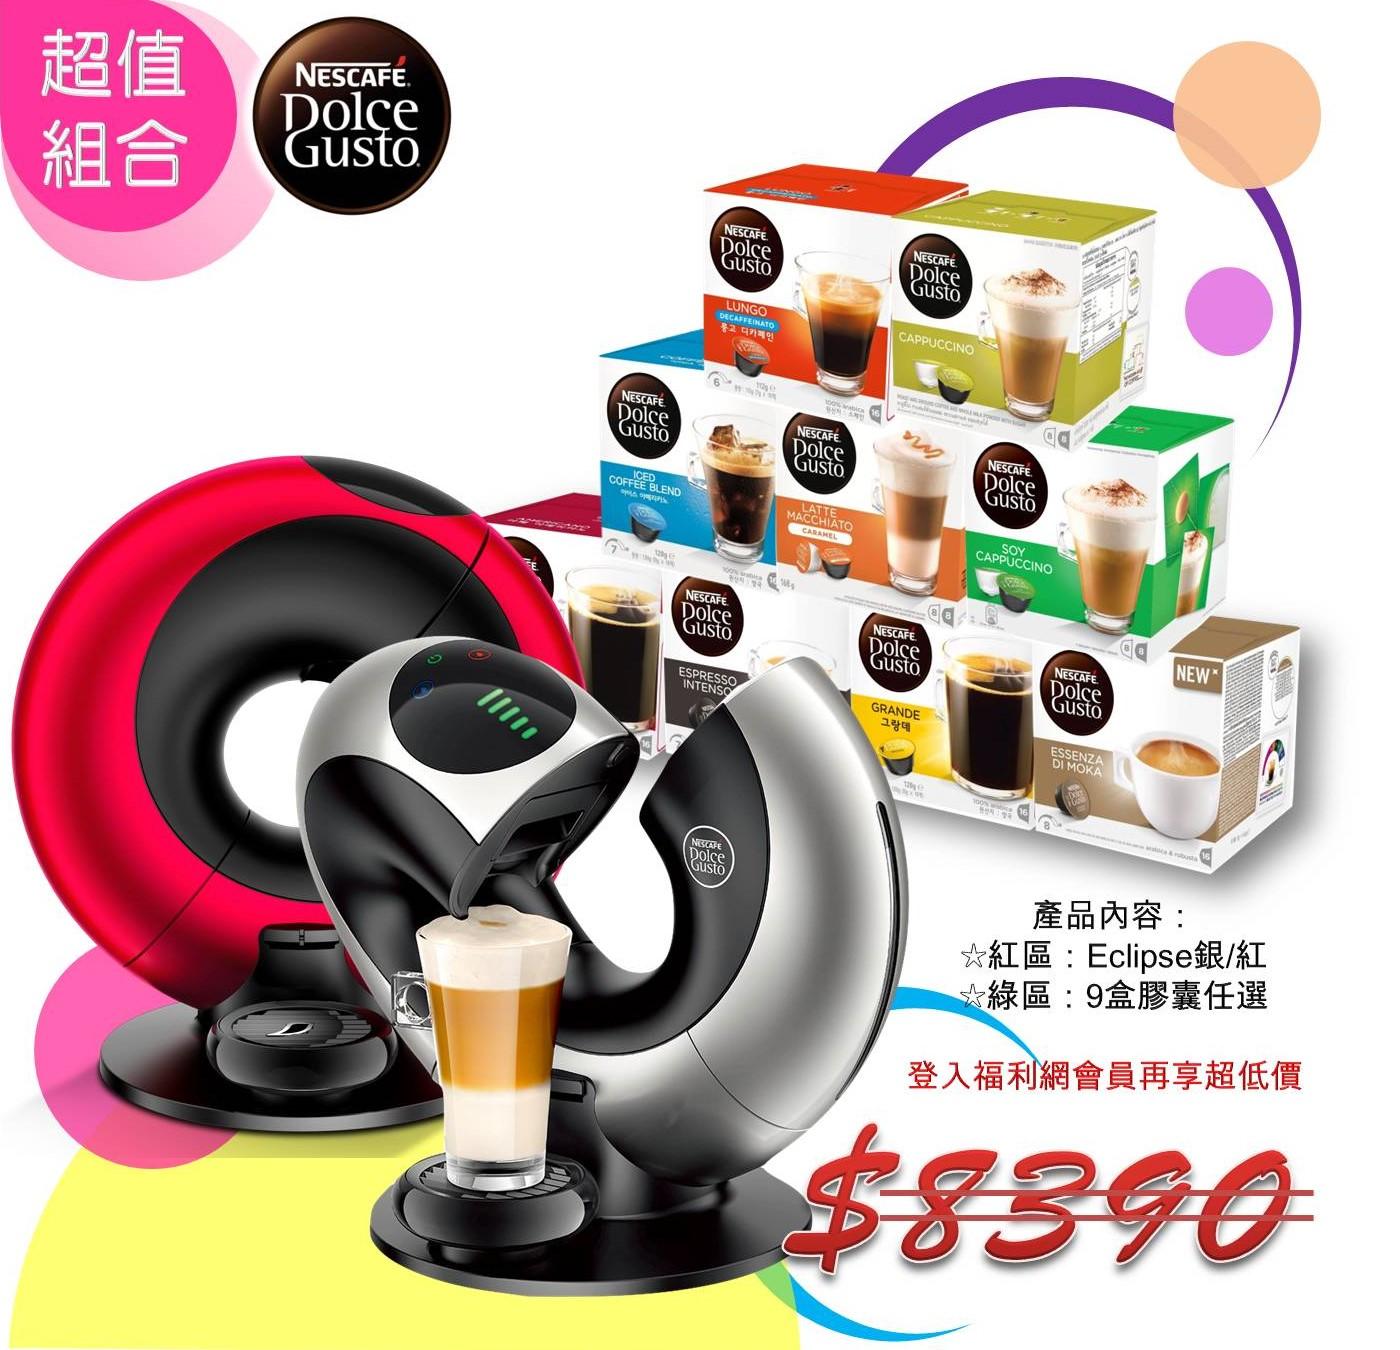 【3條膠囊搭咖啡機ECLIPSE】-雀巢膠囊咖啡組合DOLCE GUSTO